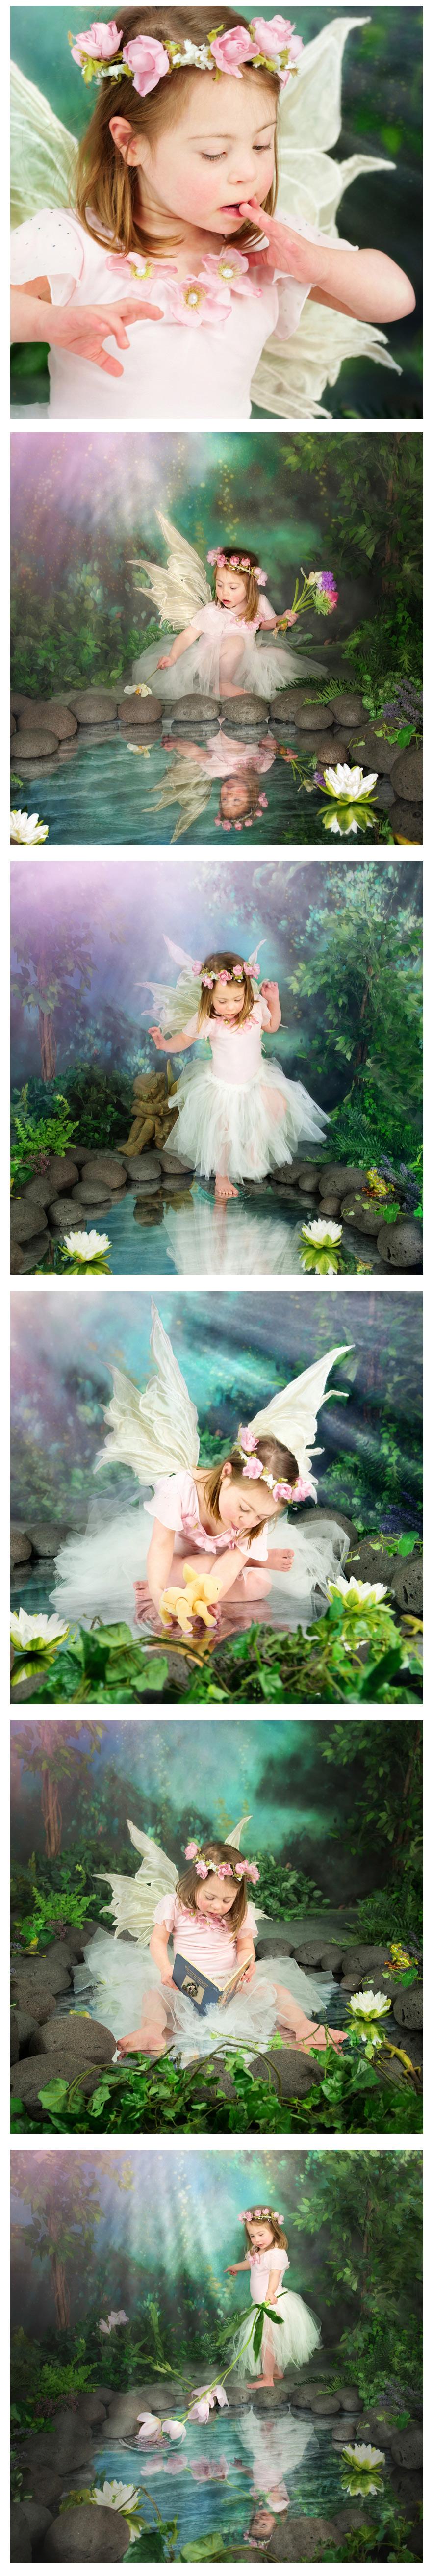 precious-little-fairy-free-lense-photo-02.jpg